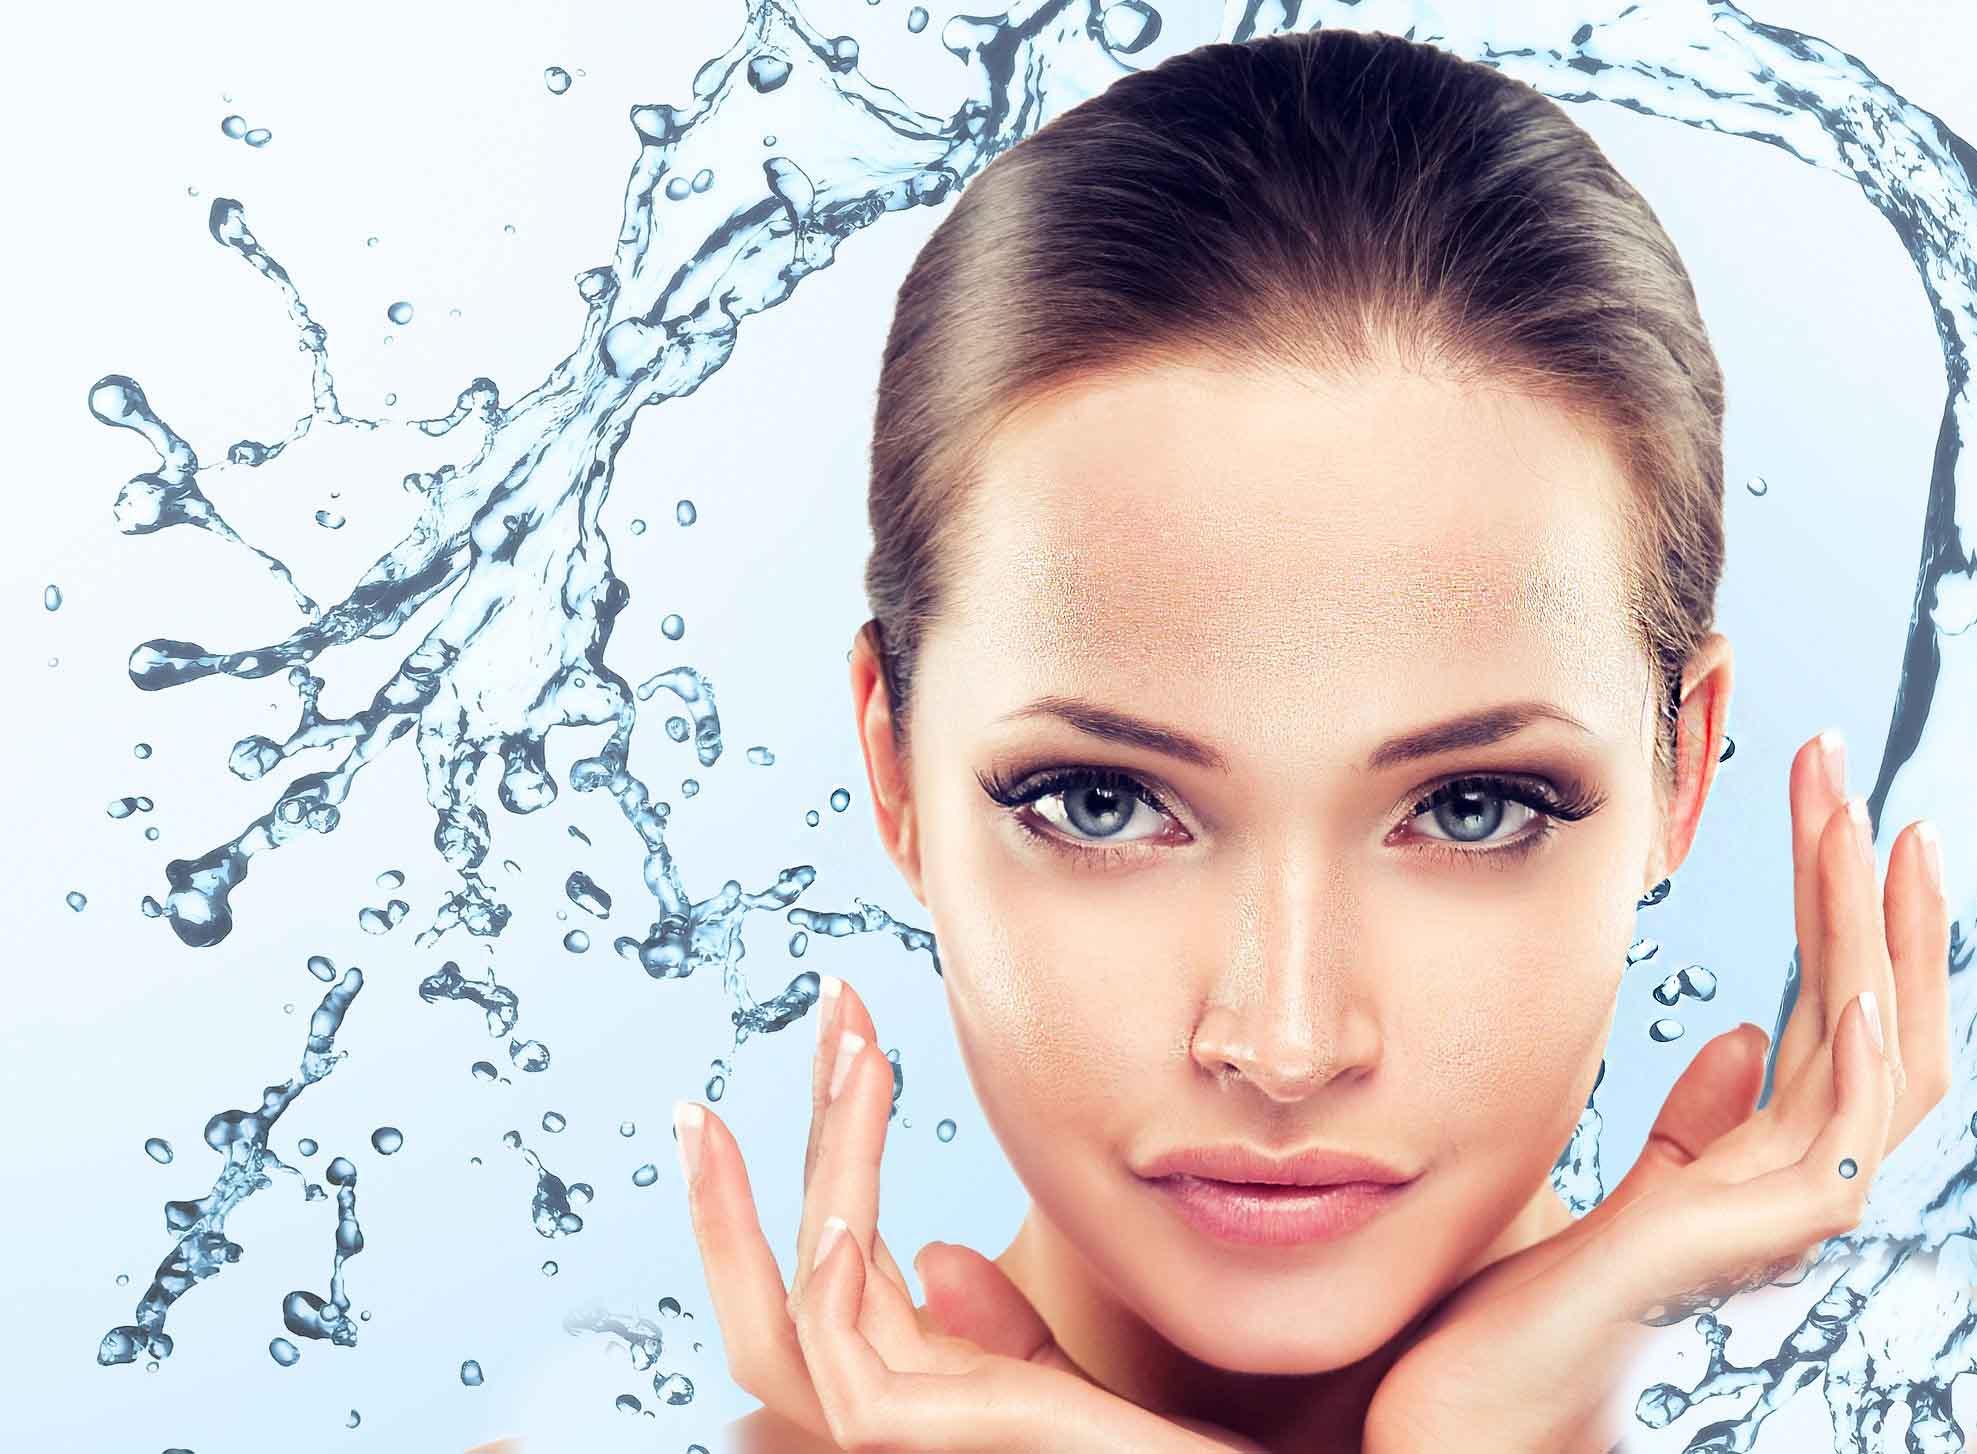 مزایای استفاده از تونر یا تونیک پوست